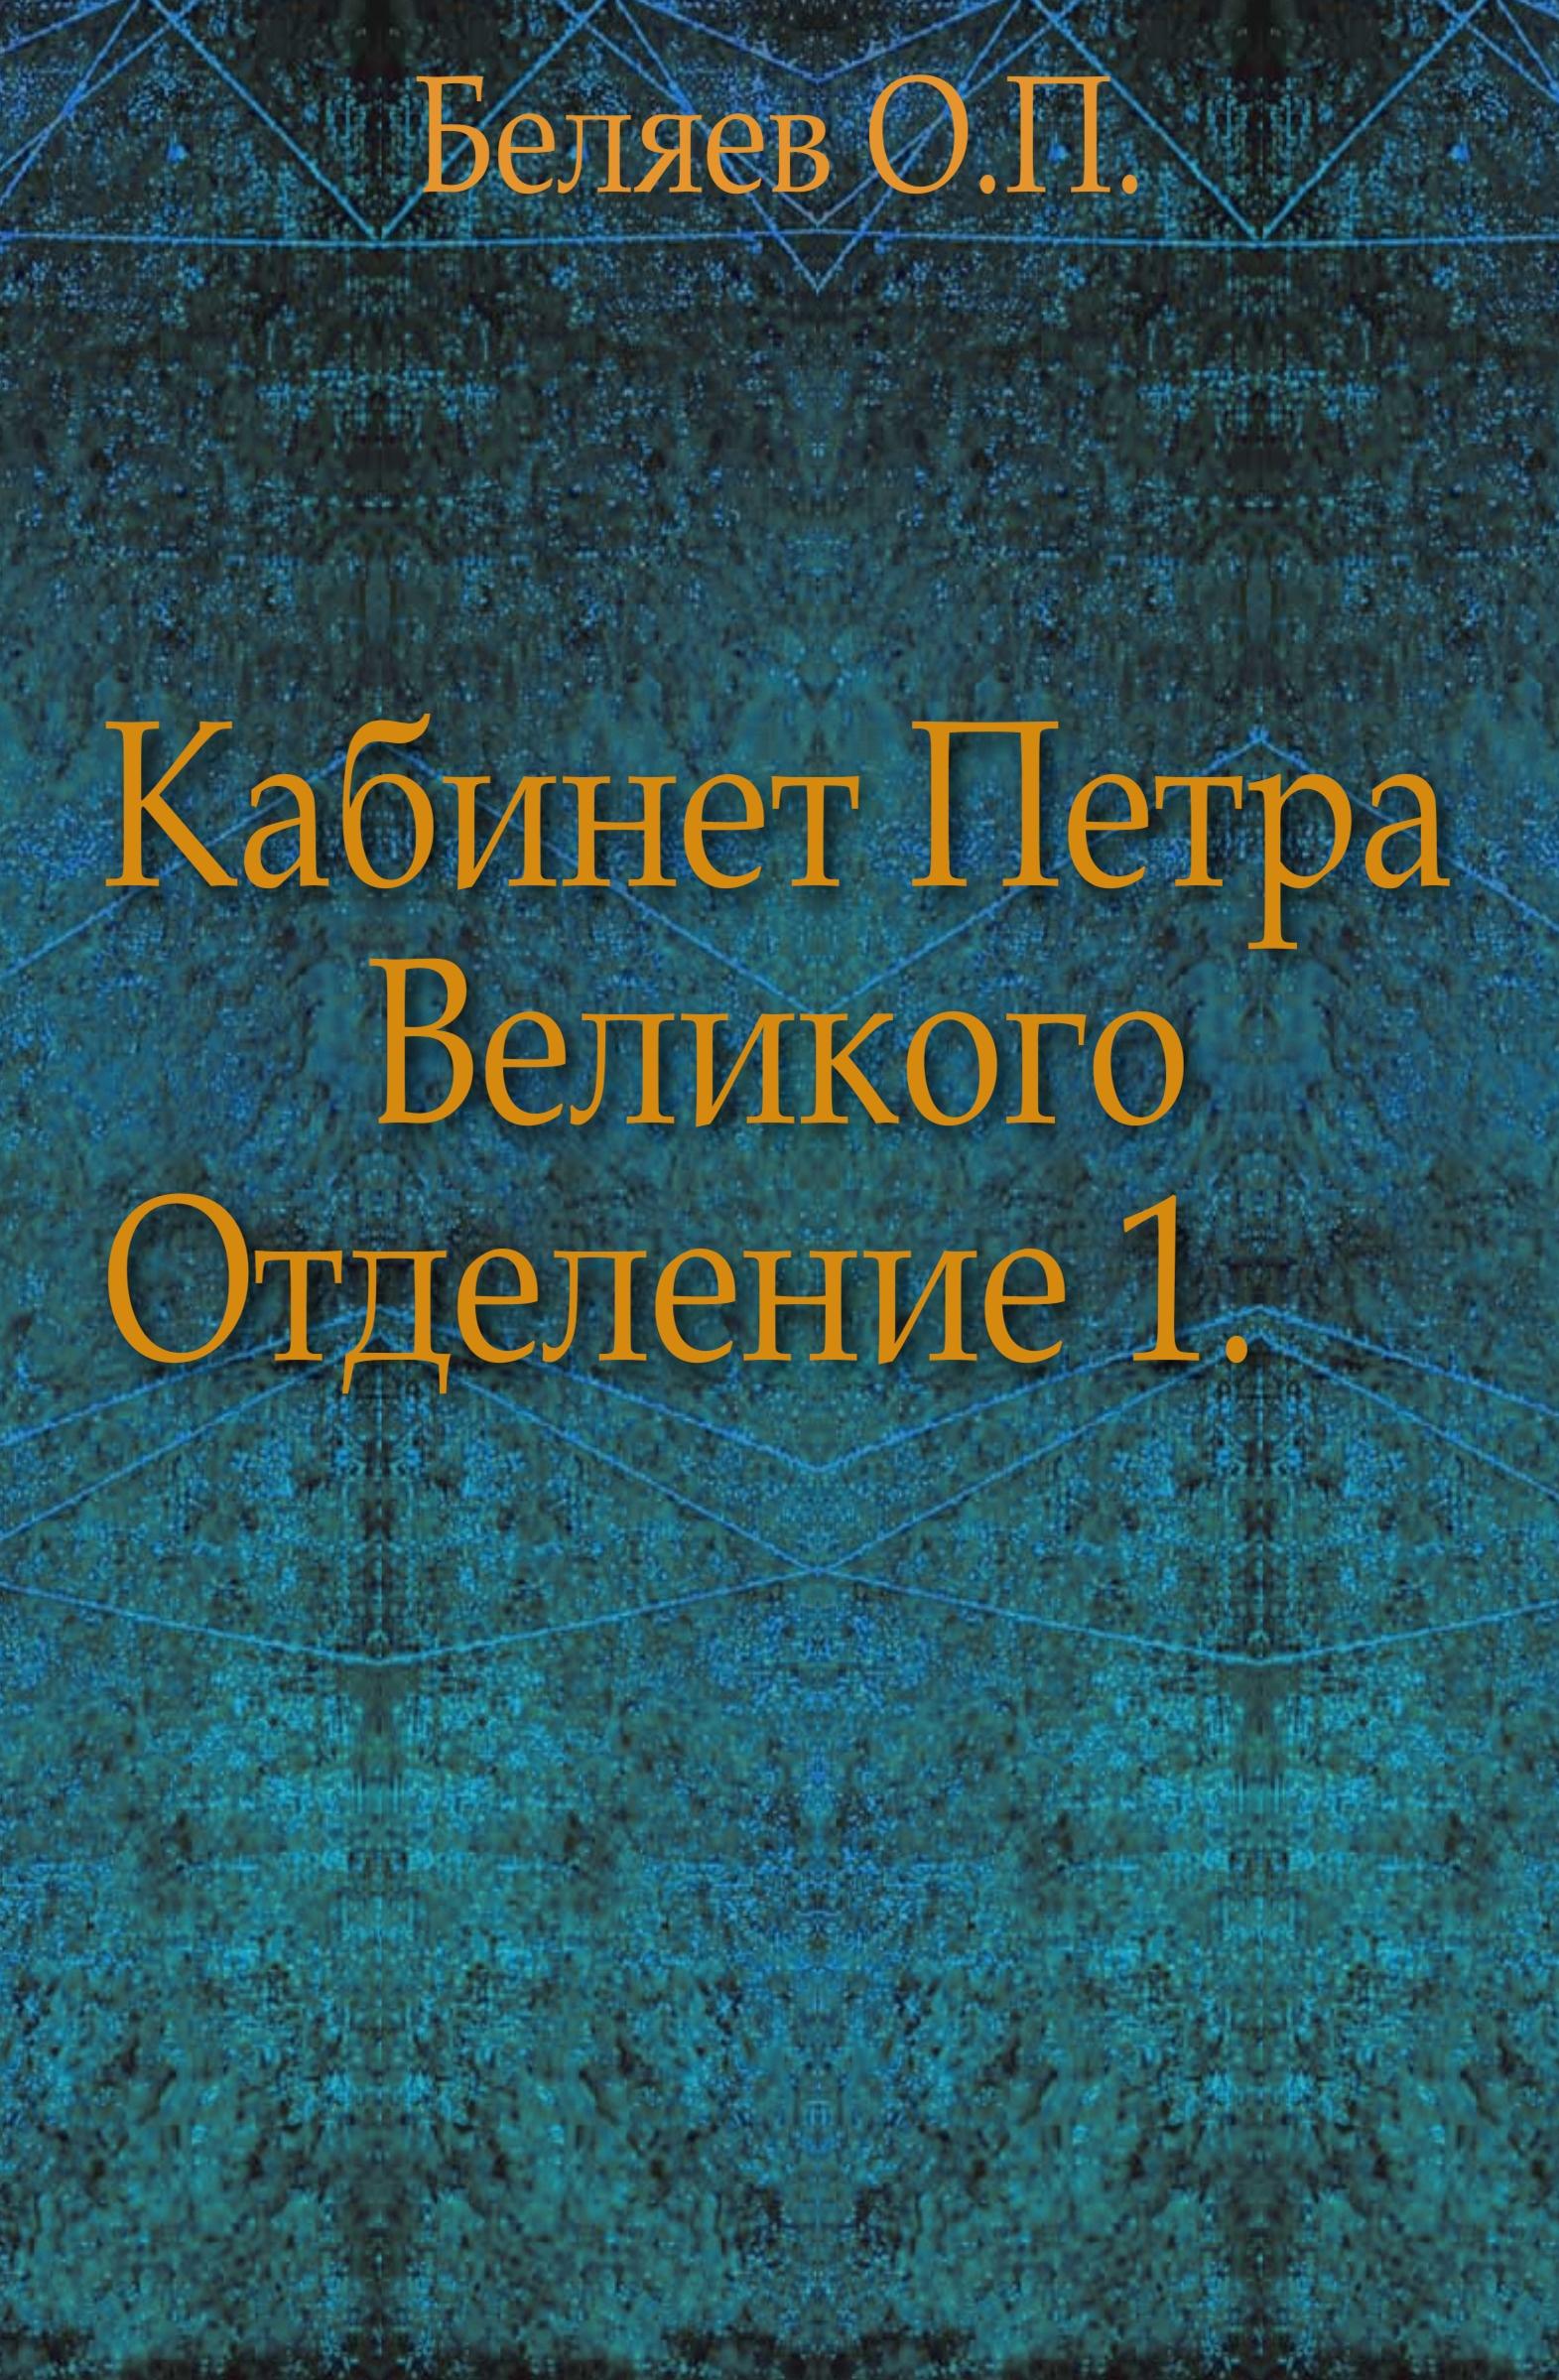 О.П. Беляев Кабинет Петра Великого. Отделение 1